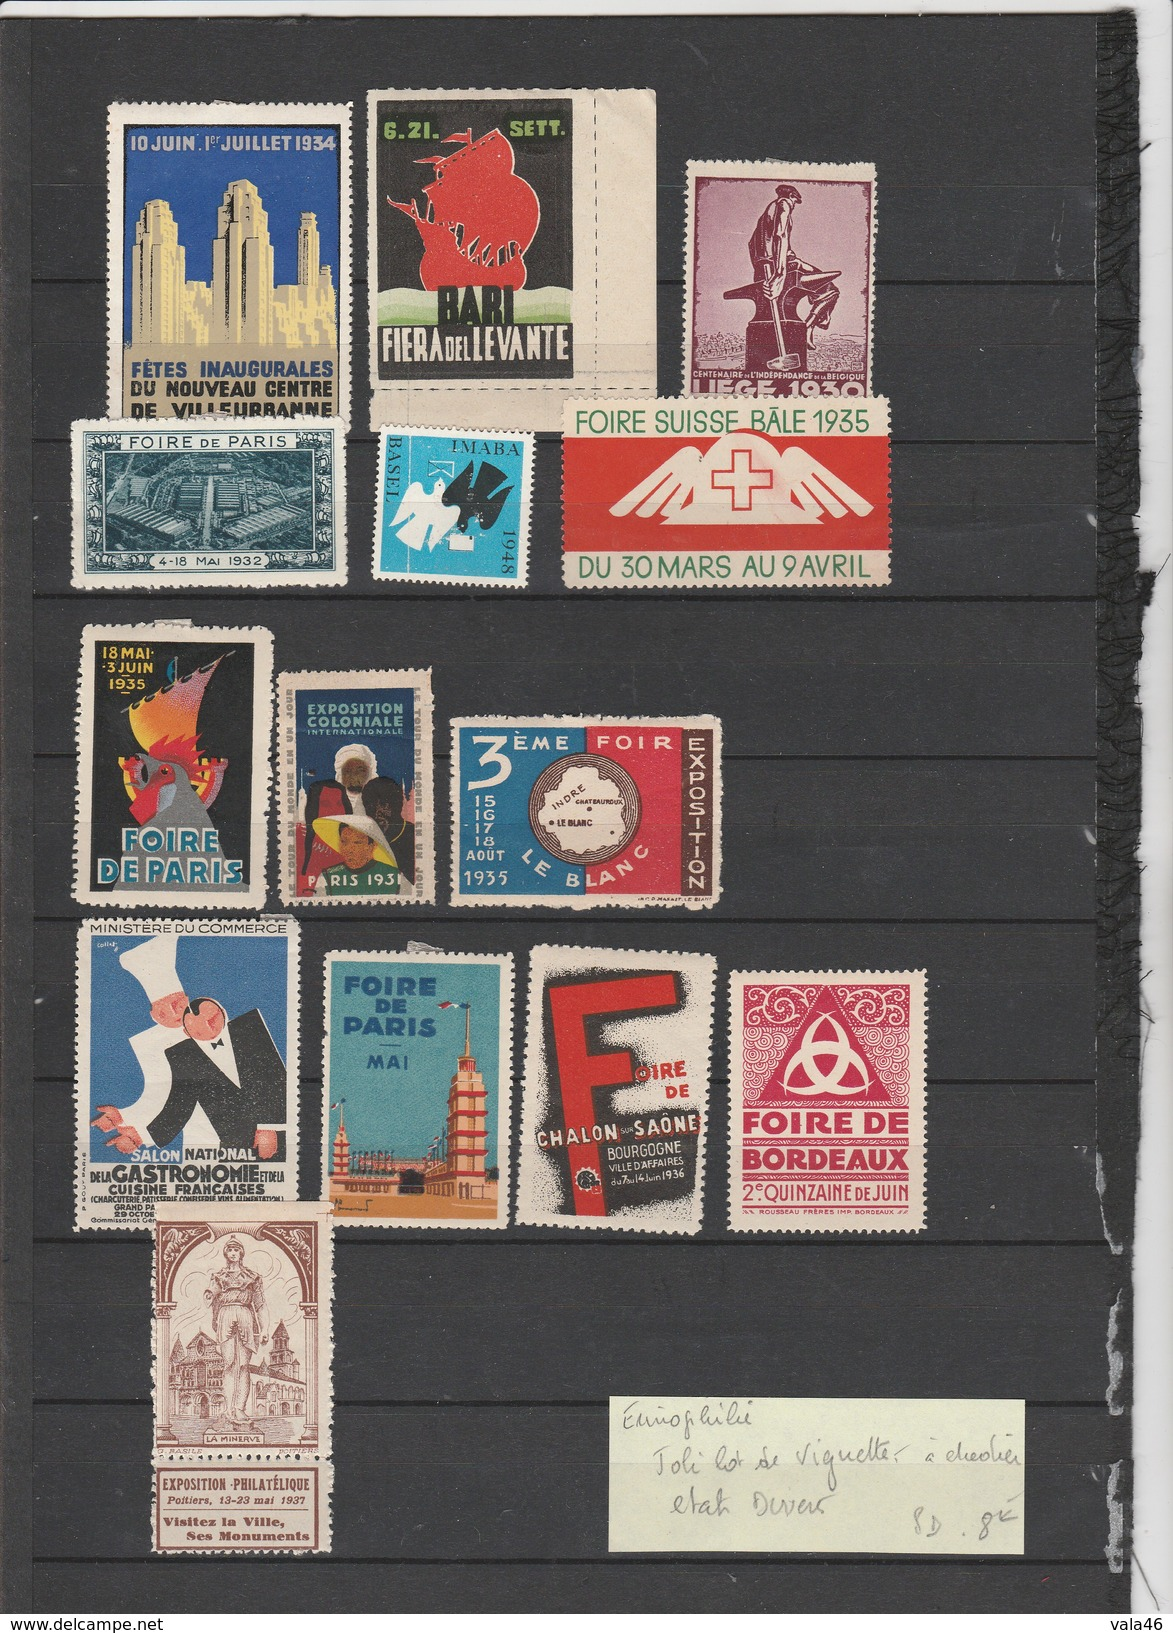 JOLI LOT DE VIGNETTE A ETUDIER - Commemorative Labels